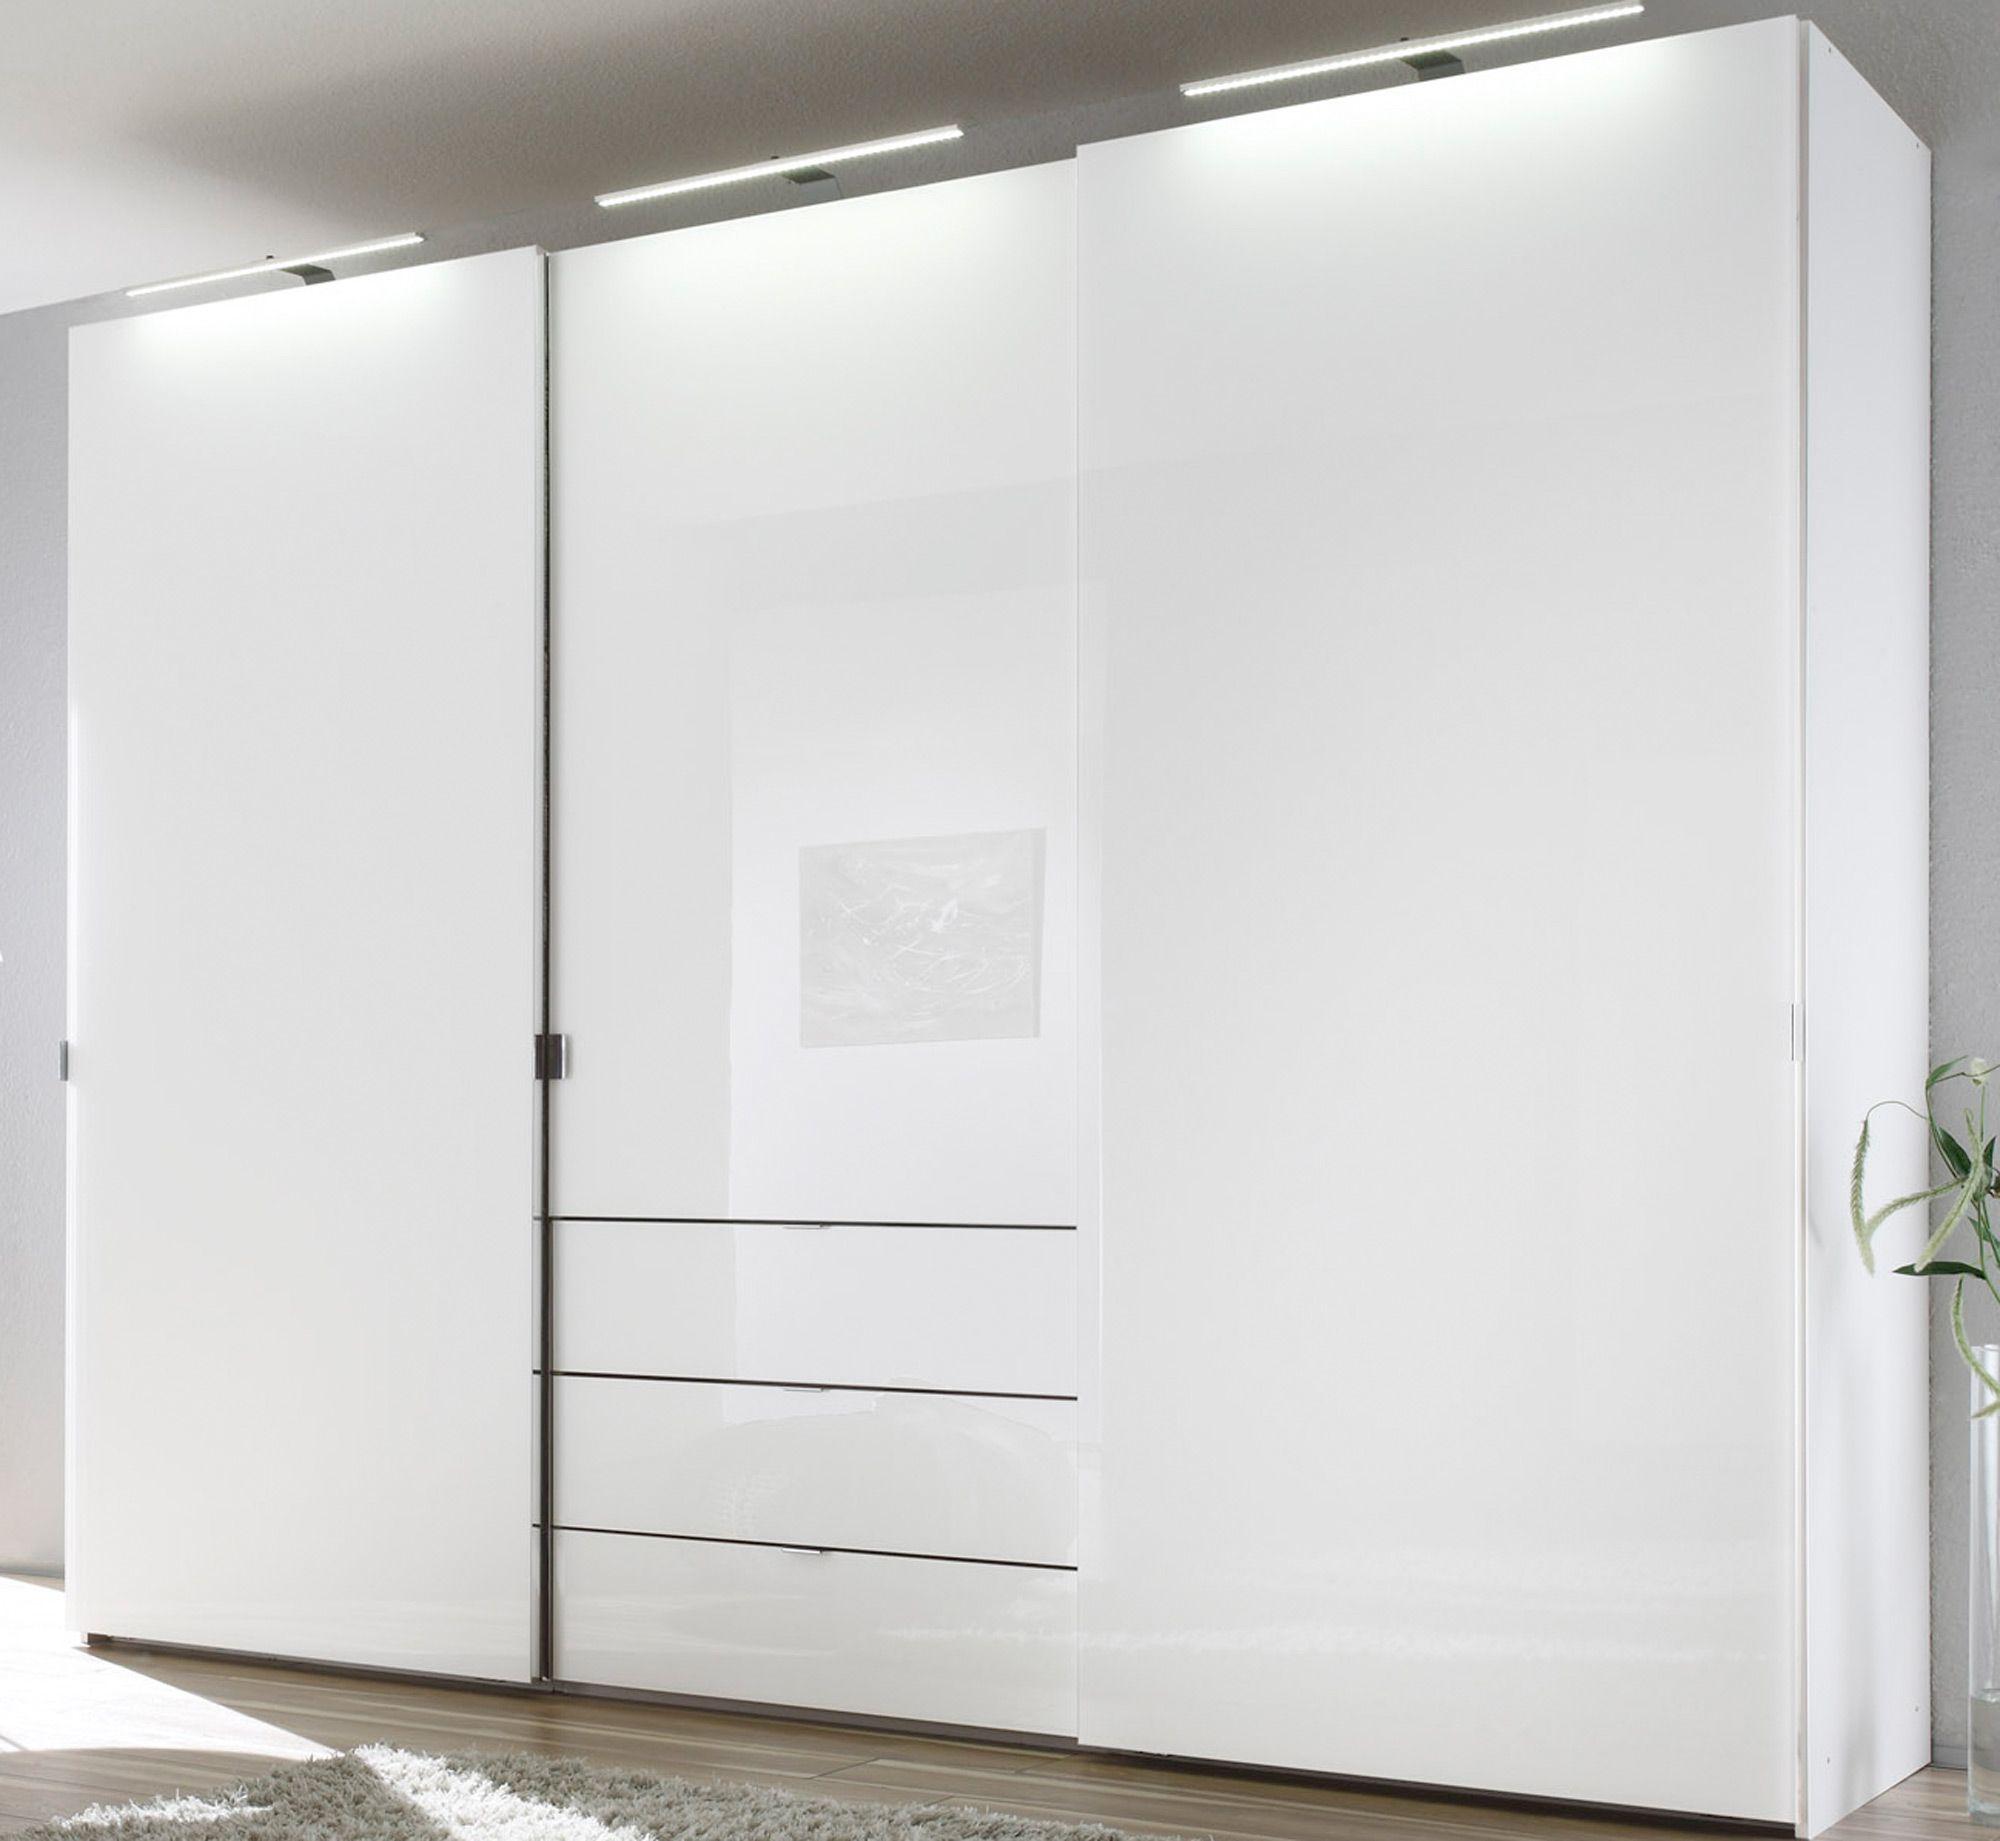 Genial Kleiderschrank Schiebetüren 2 50 M